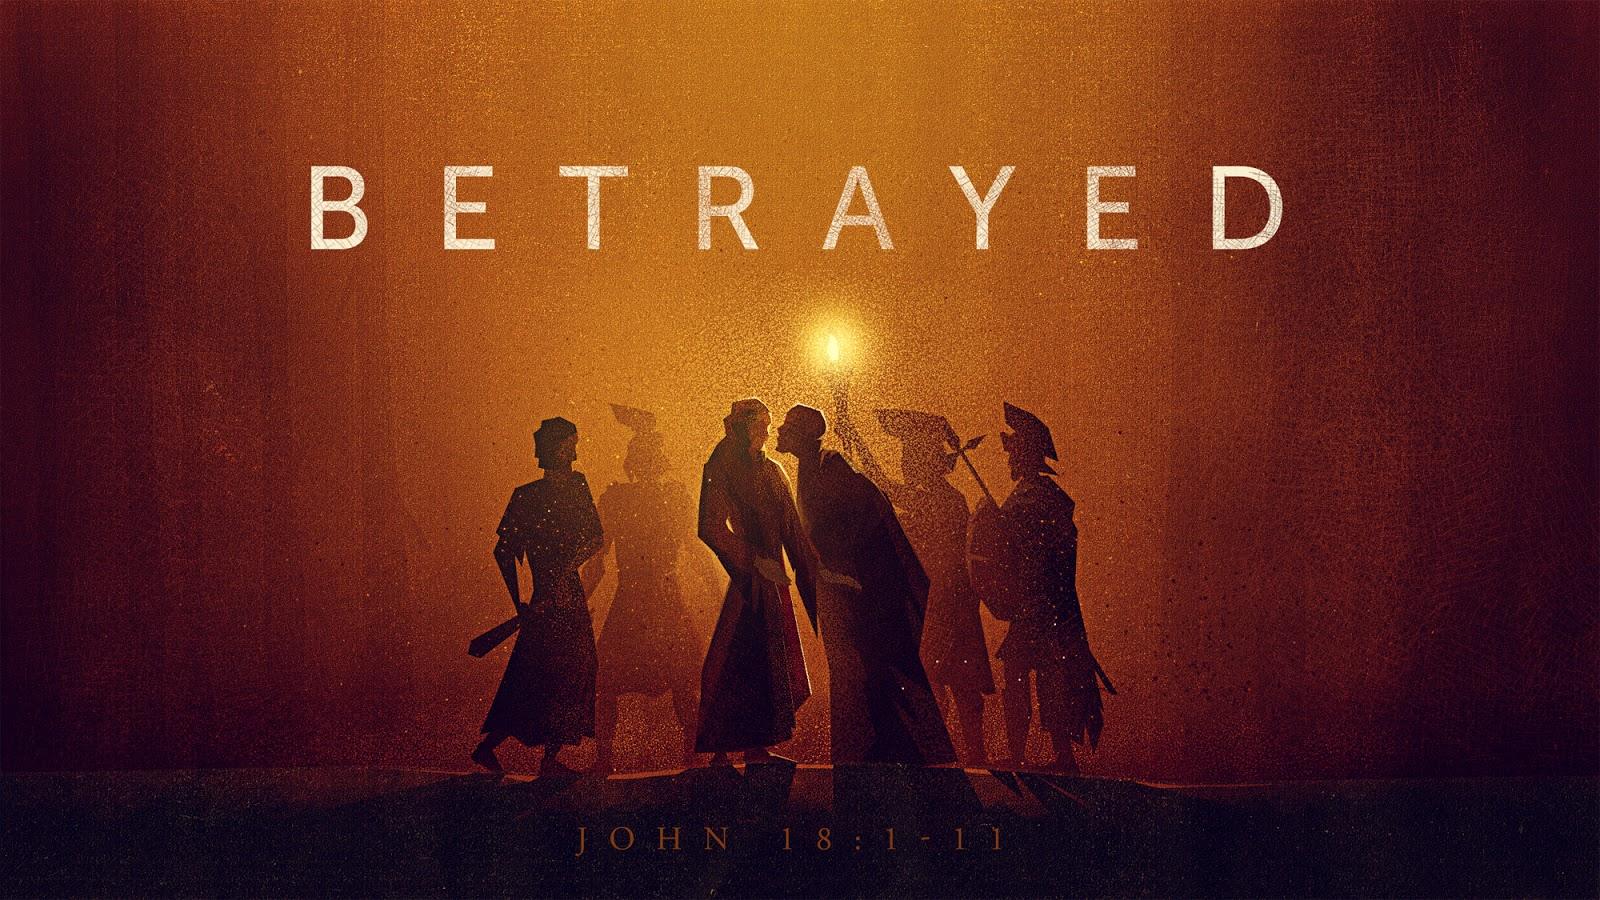 betrayed_wide_t.jpg